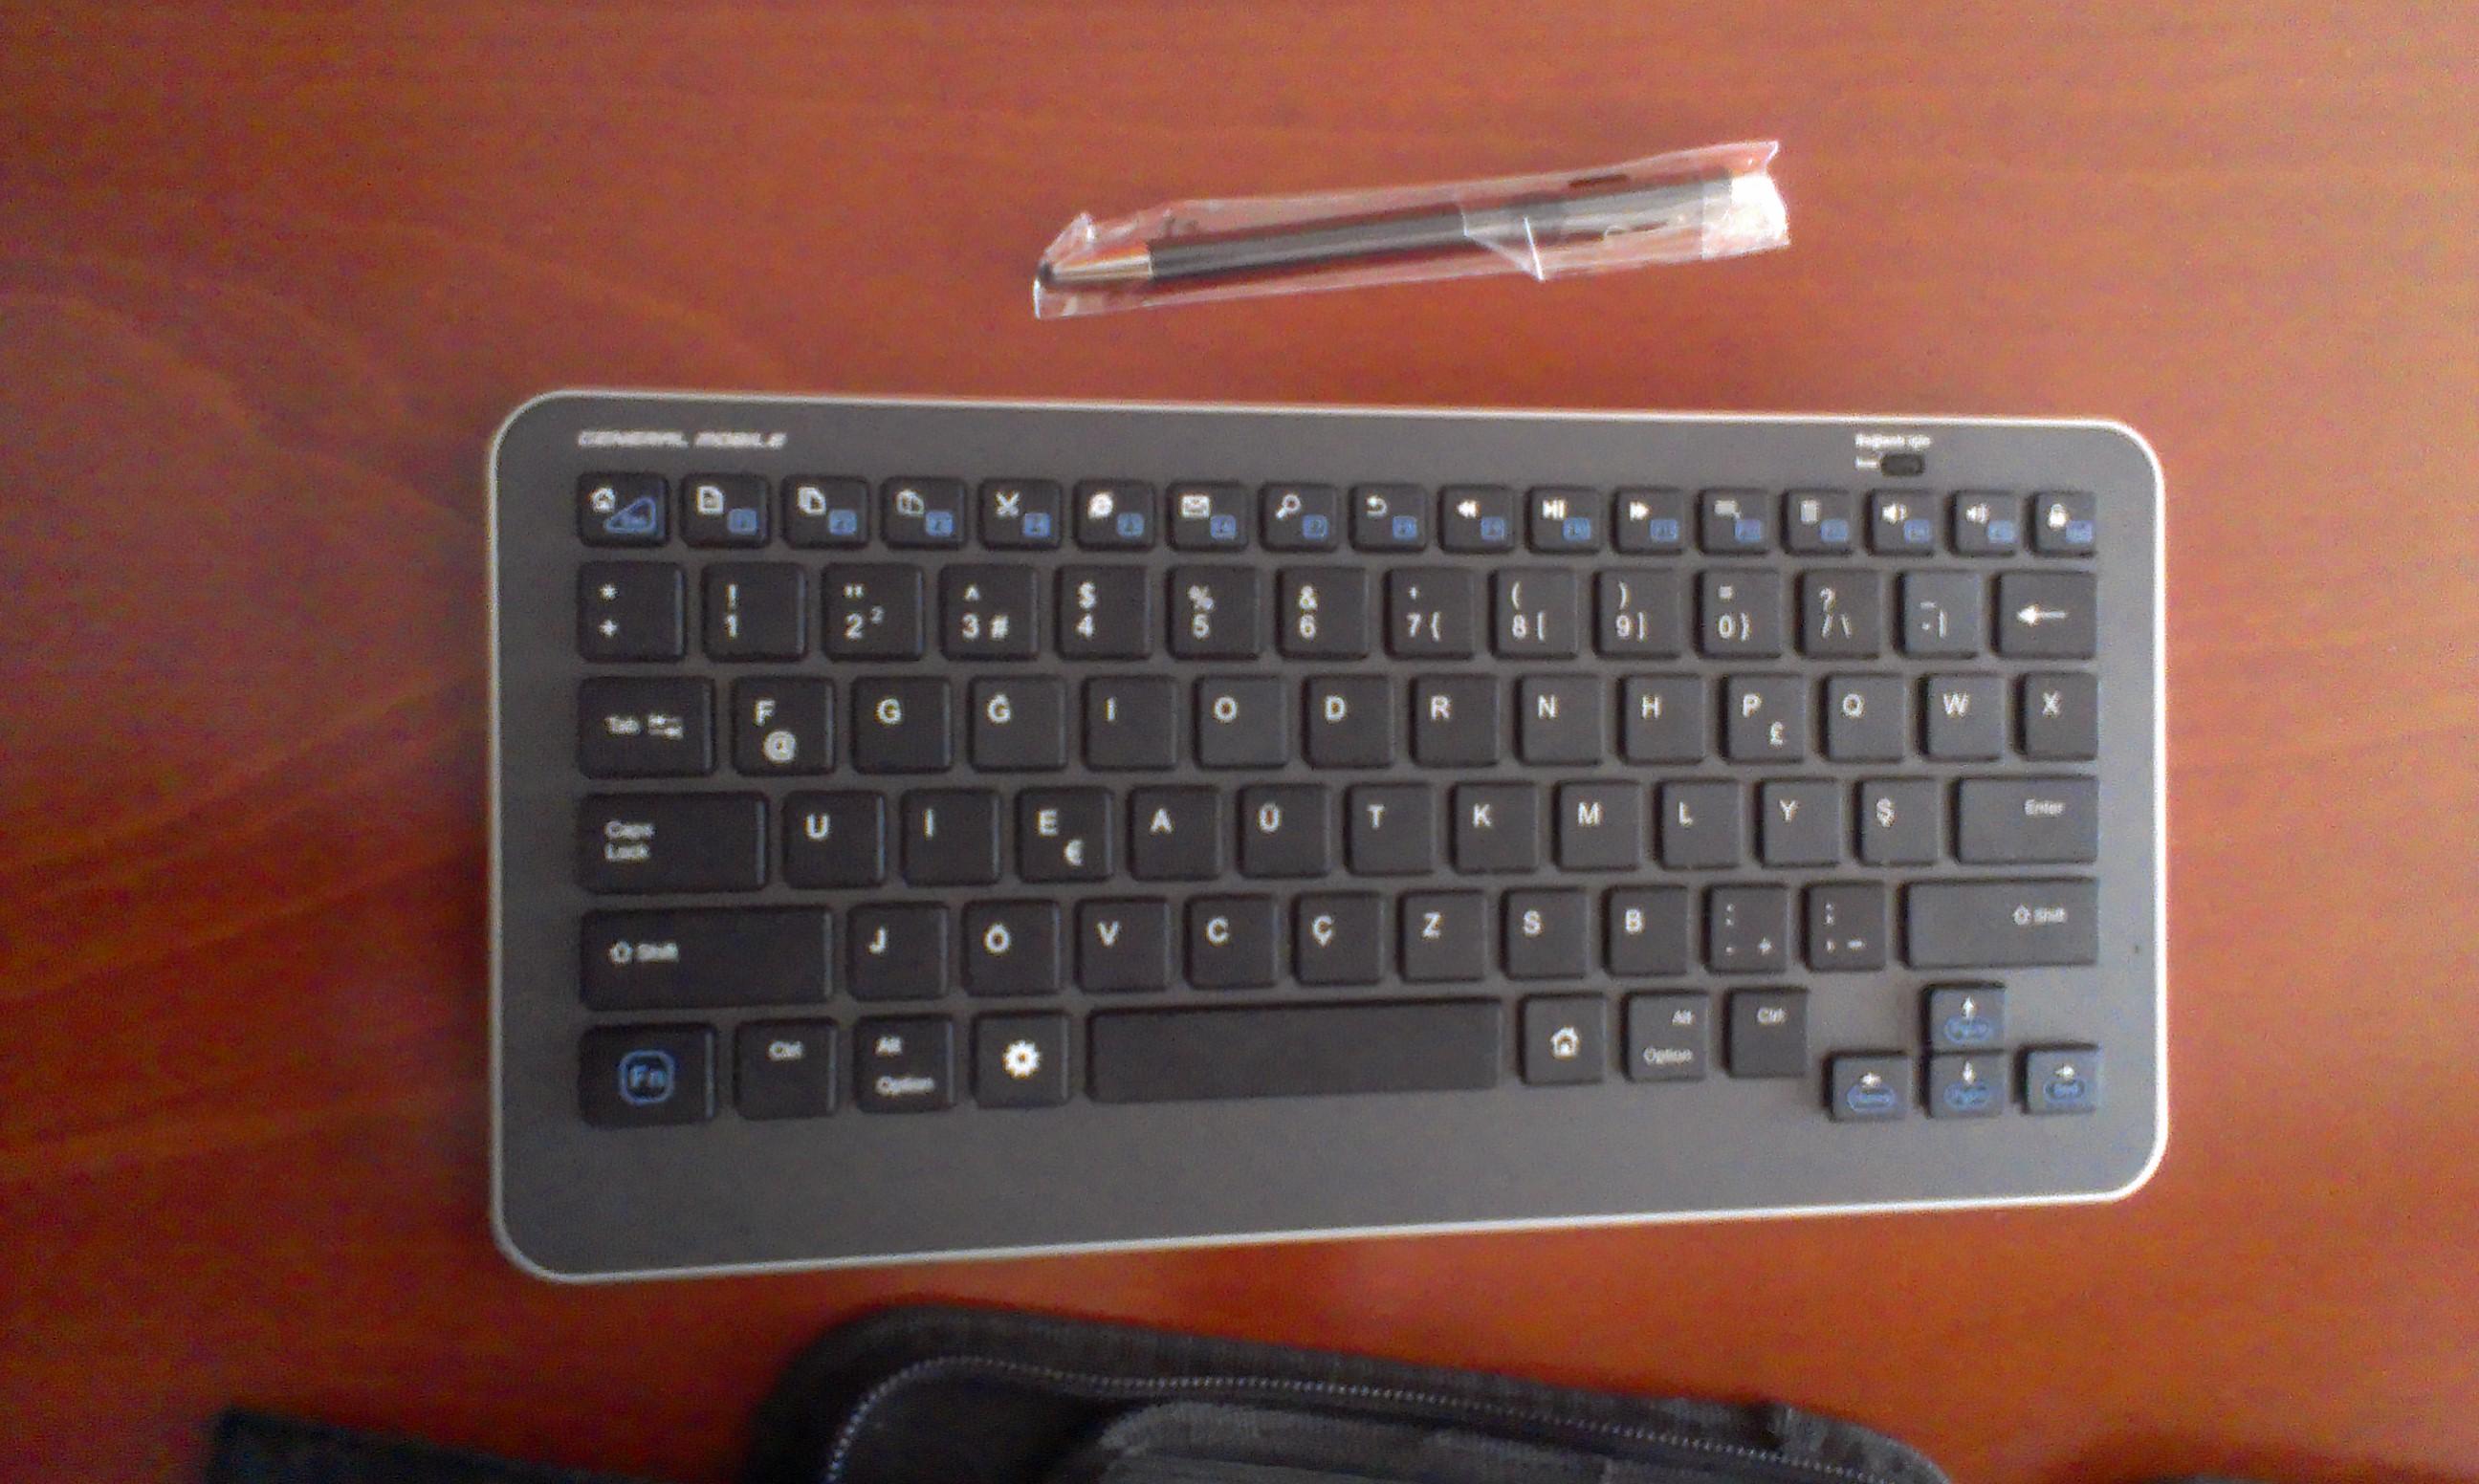 GM-Öğretmen Tableti Klavye Bağlatısı-Video